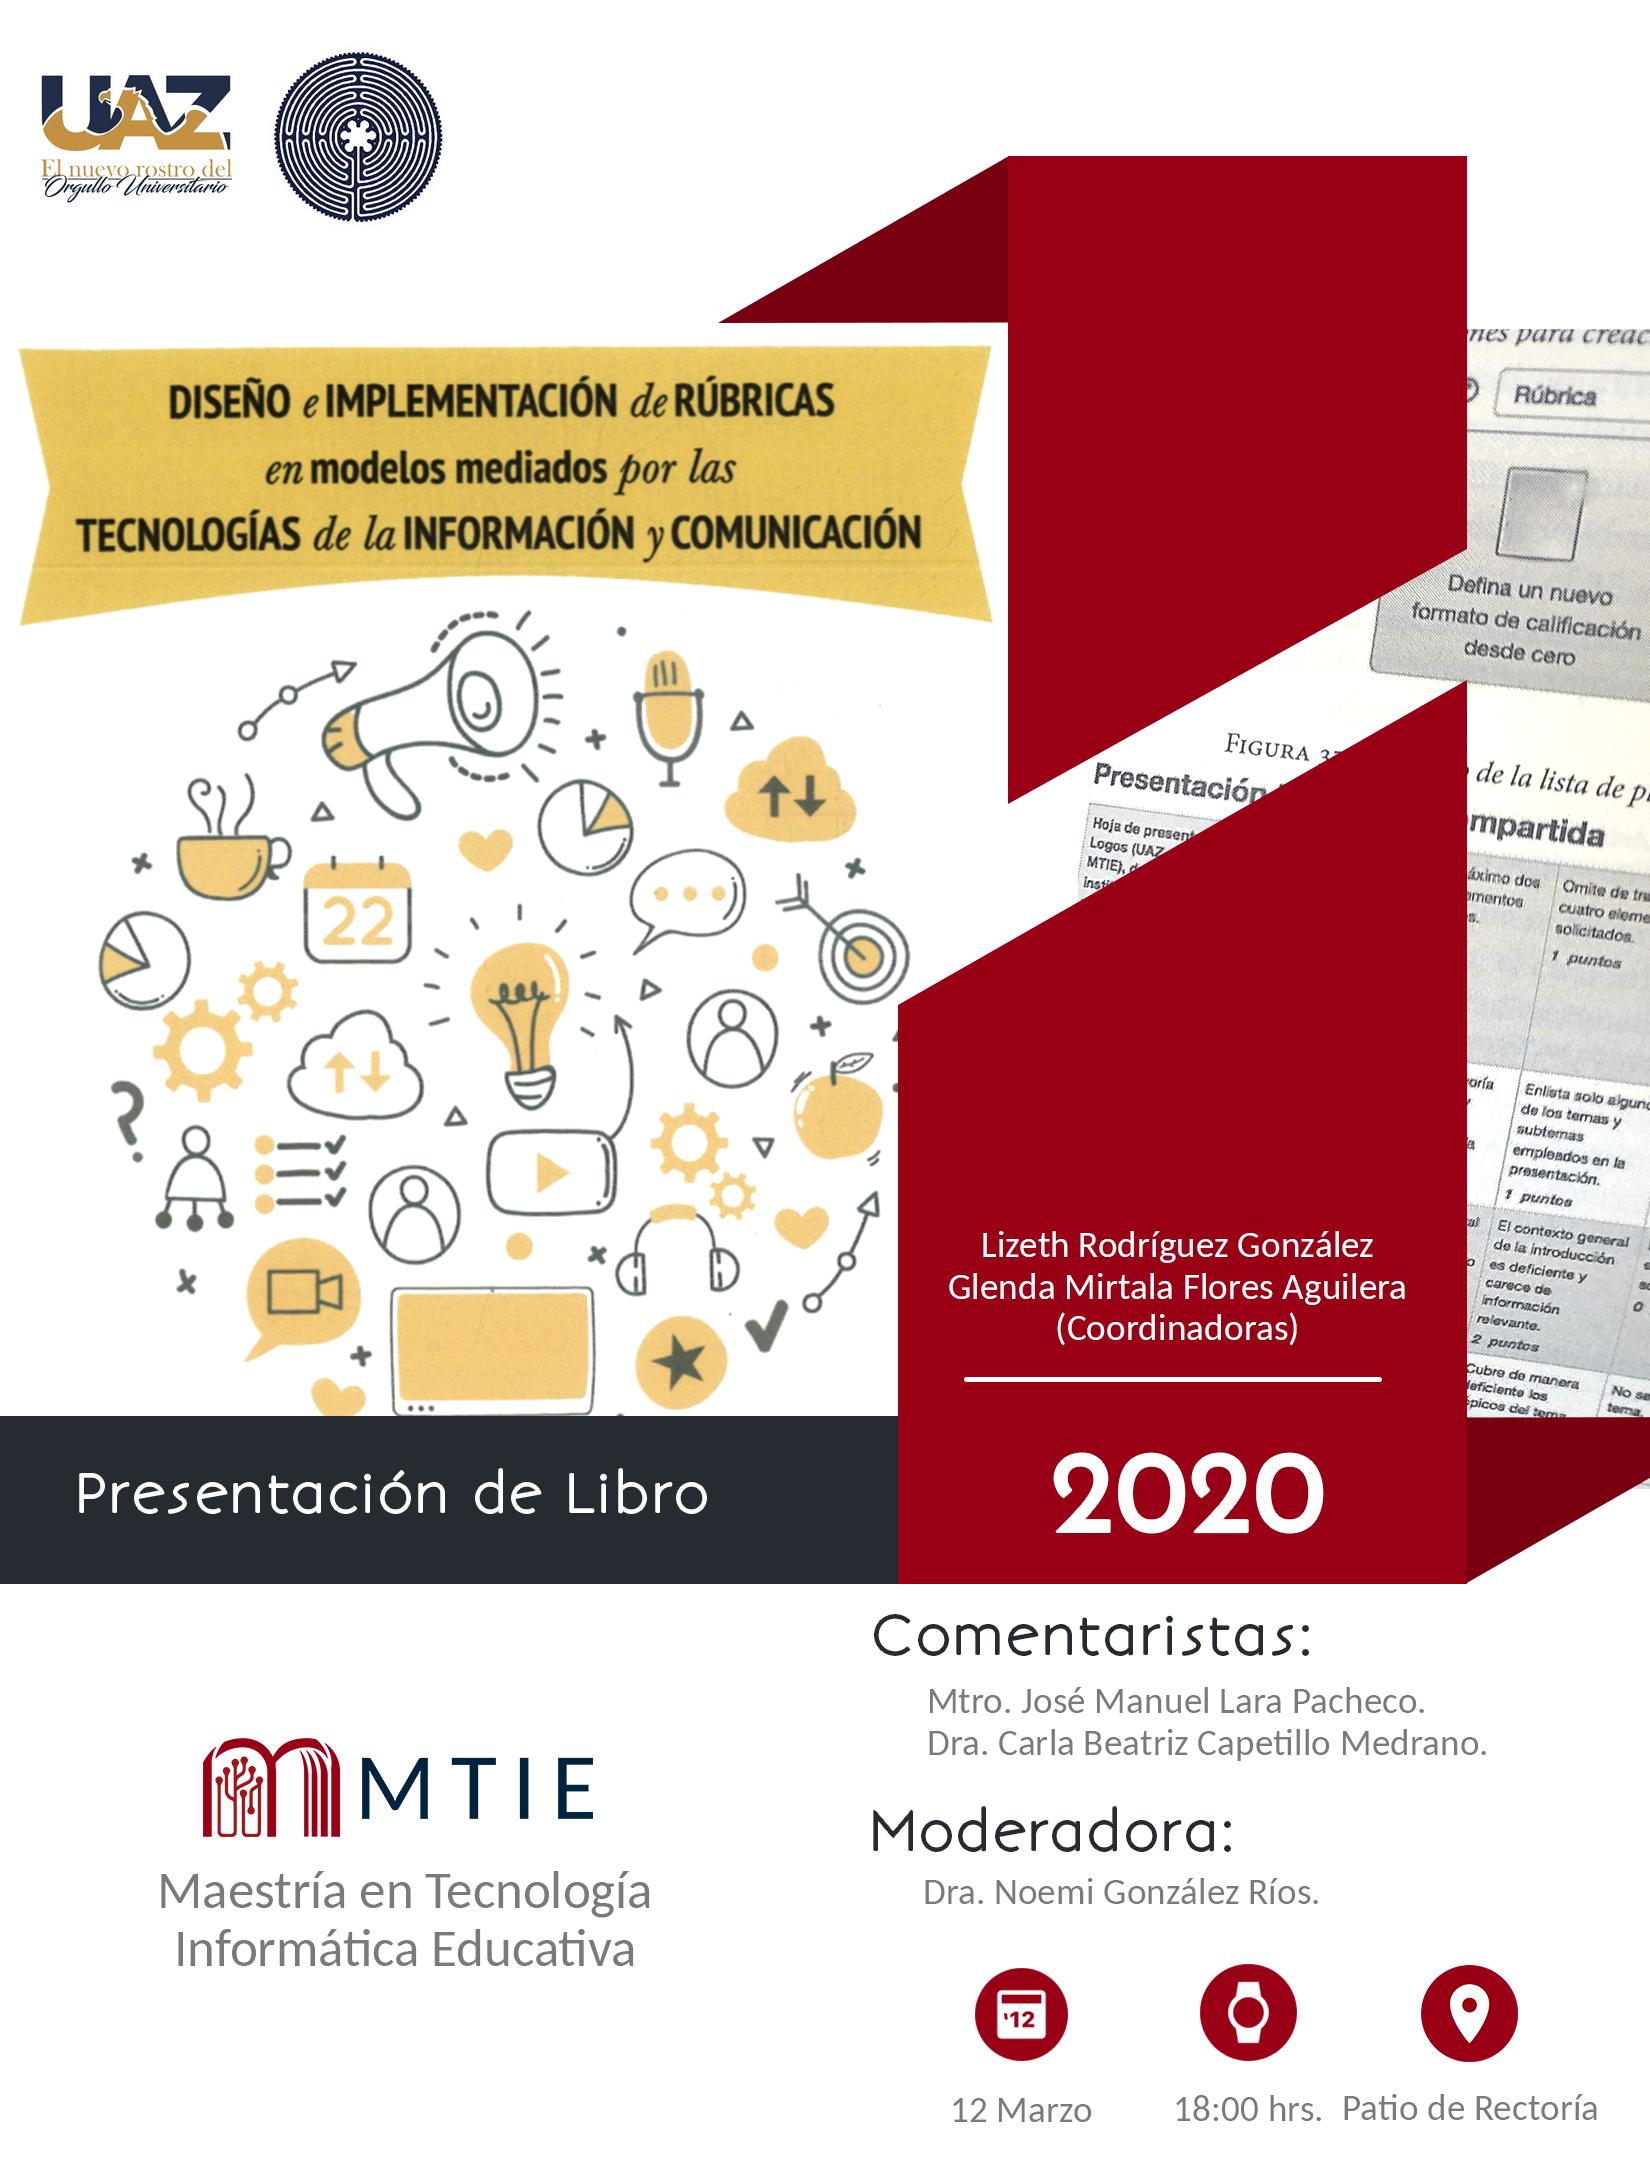 Invitación a presentación del libro diseño e implementación de rúbricas en modelos mediados por las tecnologías de la información y comunicación, 12 de marzo, 18hrs, patio de rectoría